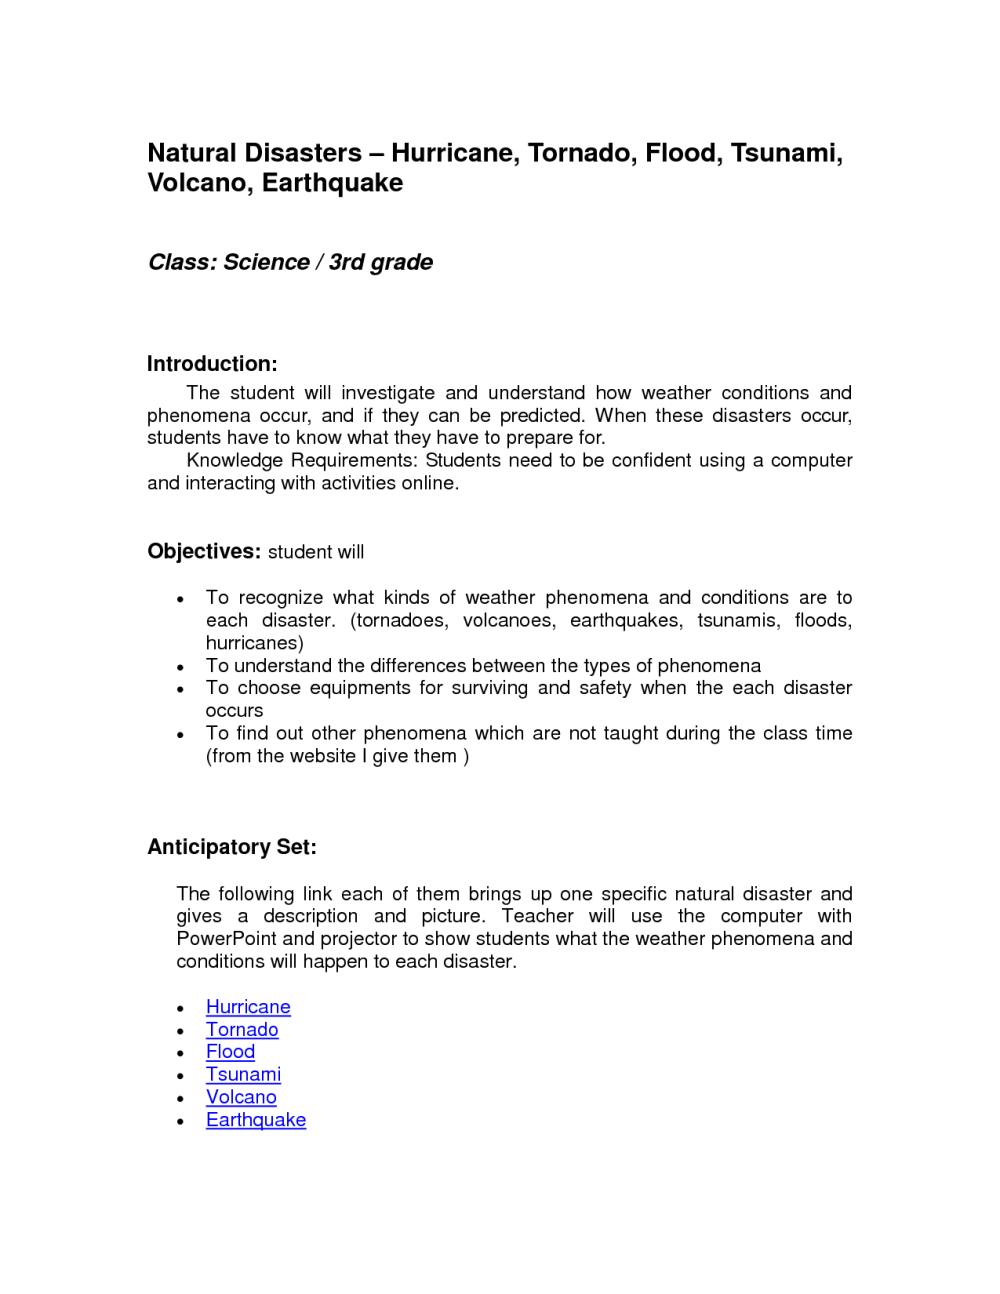 medium resolution of Historical Hurricane Printable Worksheets   Printable Worksheets and  Activities for Teachers